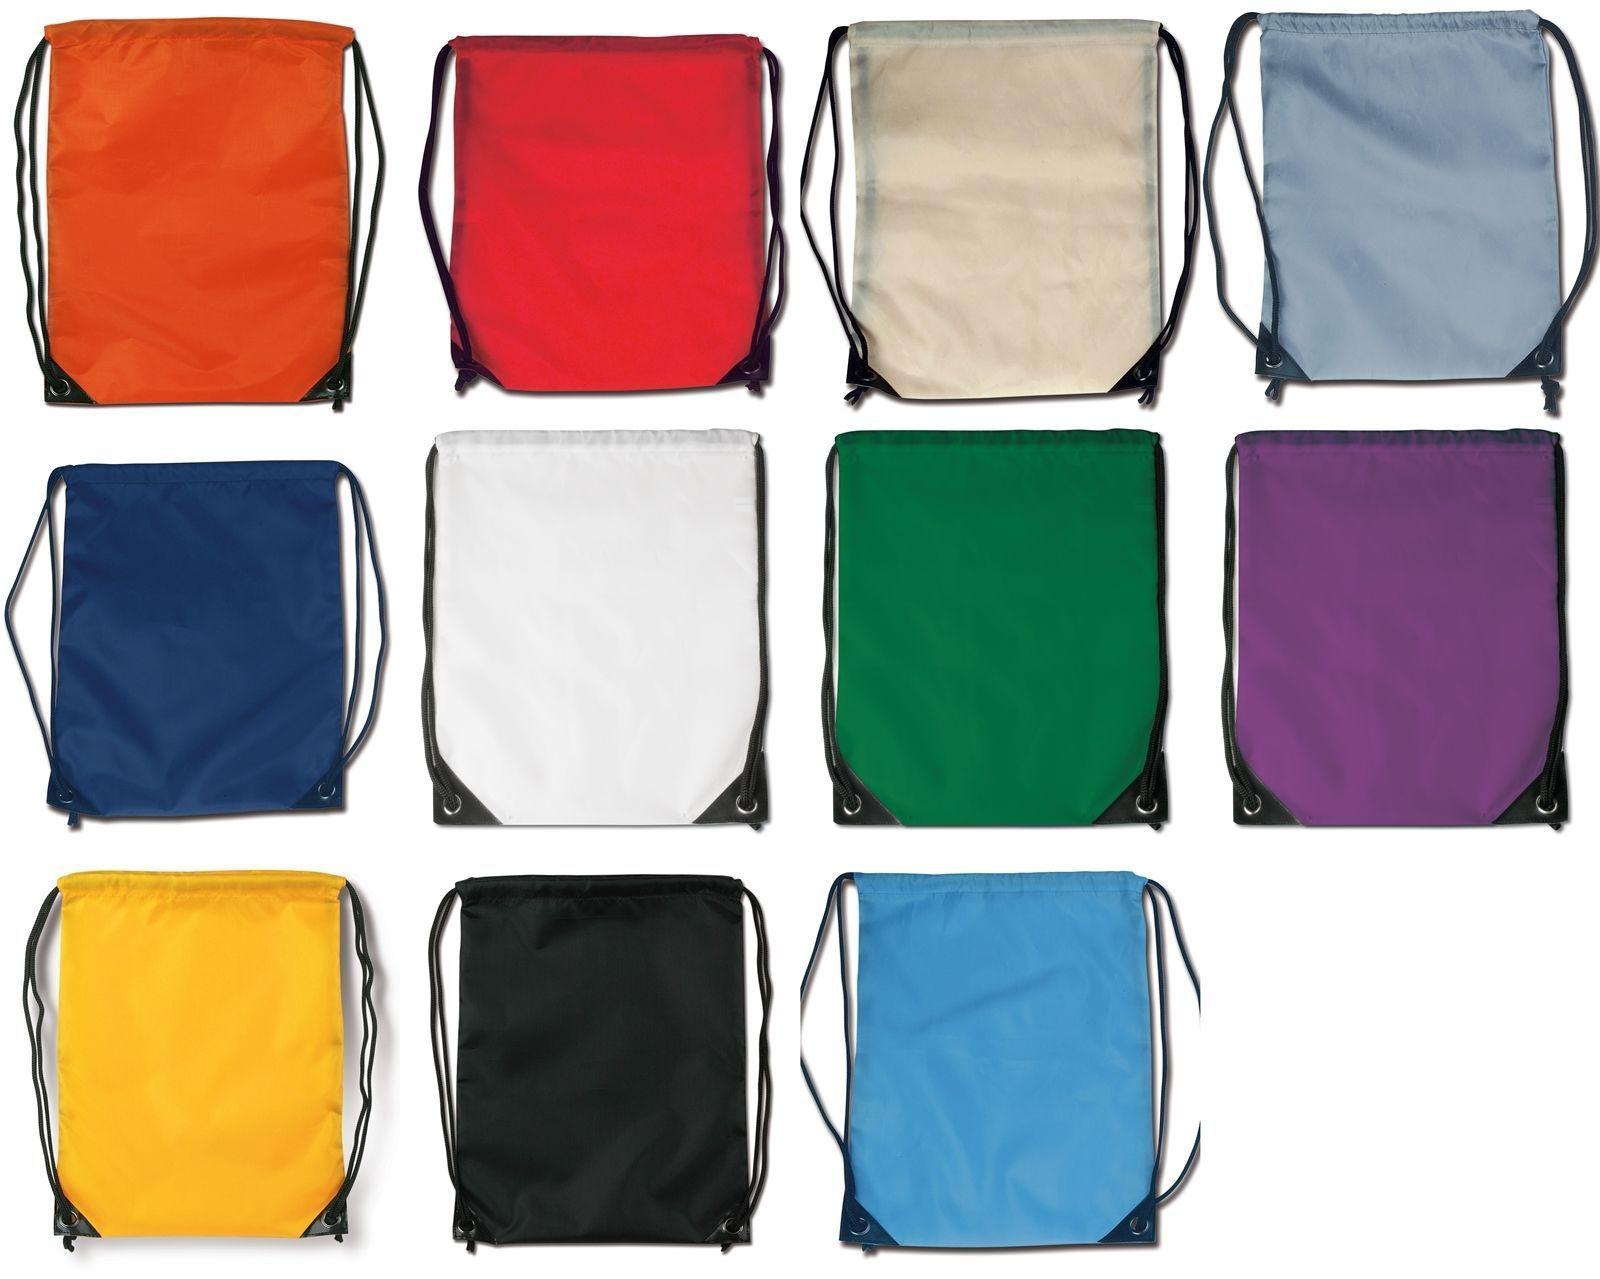 Sacca borsa in nylon 34x43cm porta scarpe per palestra piscina STOCK O  INGROSSO f9abcfc7984